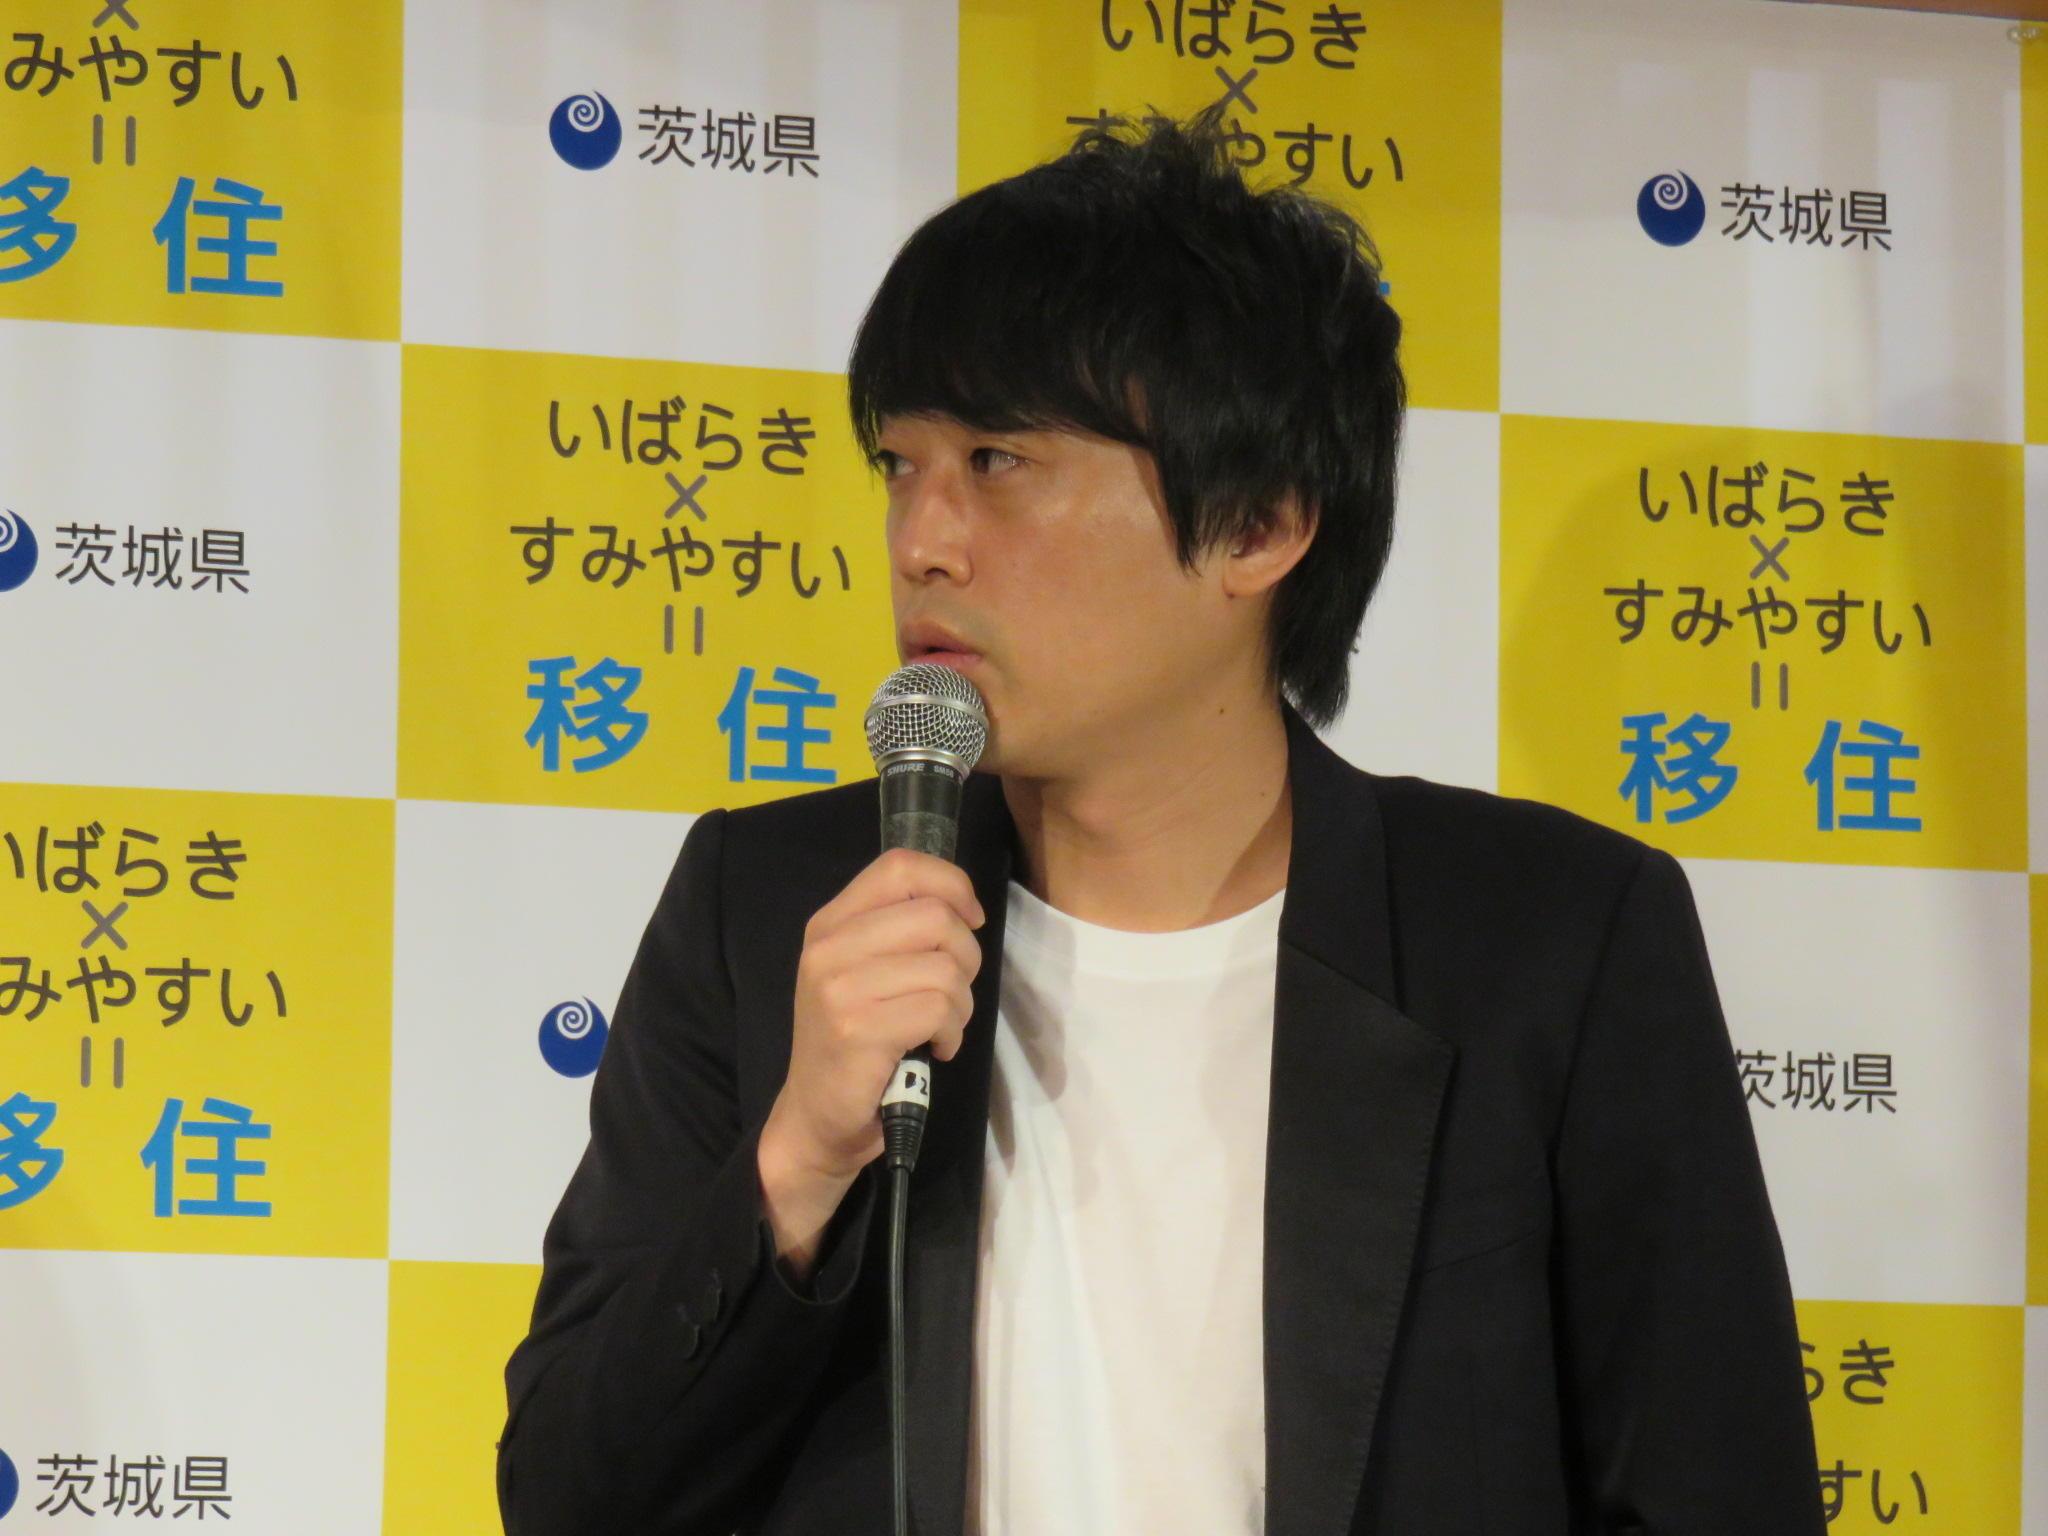 http://news.yoshimoto.co.jp/20160630165359-de16f616e94837b900005106663711a99ea8591a.jpg